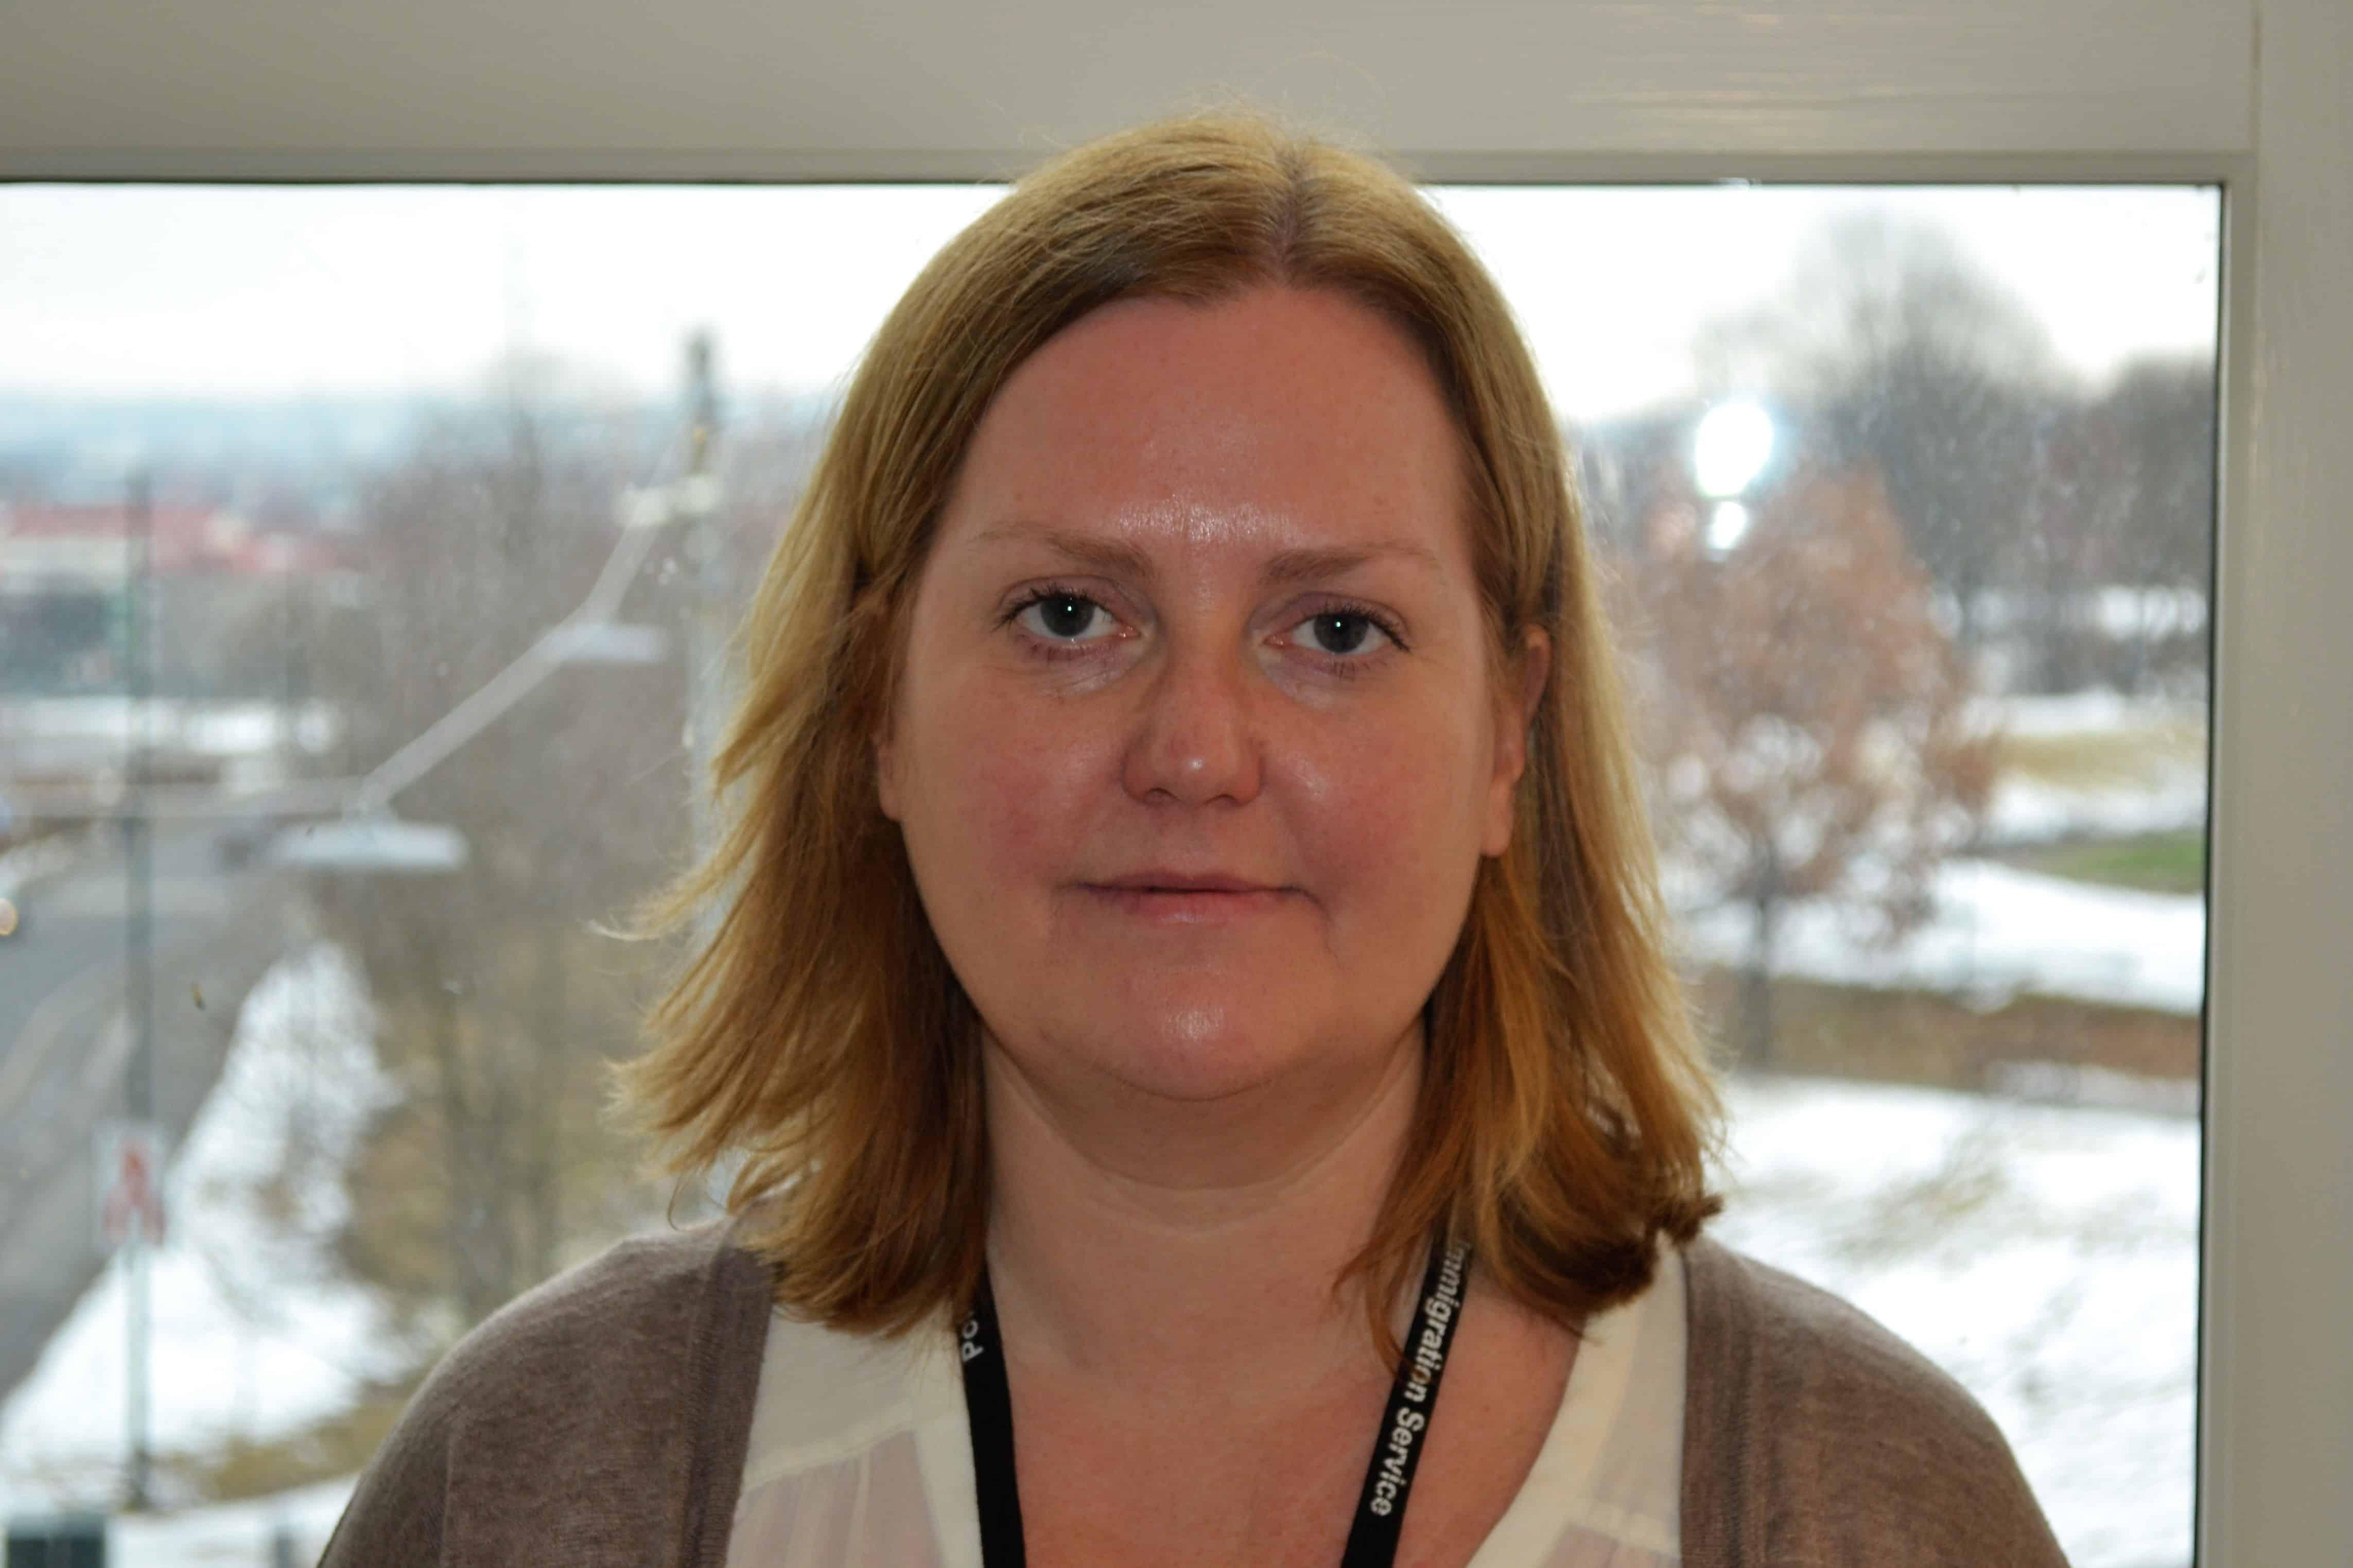 - TAS PÅ ALVOR: Fungerende seksjonssjef Janne Austnes i Politiets utlendingsenhet bekrefter at PU har satt i gang tiltak mot antatte lekkasjer. (Foto: PU)